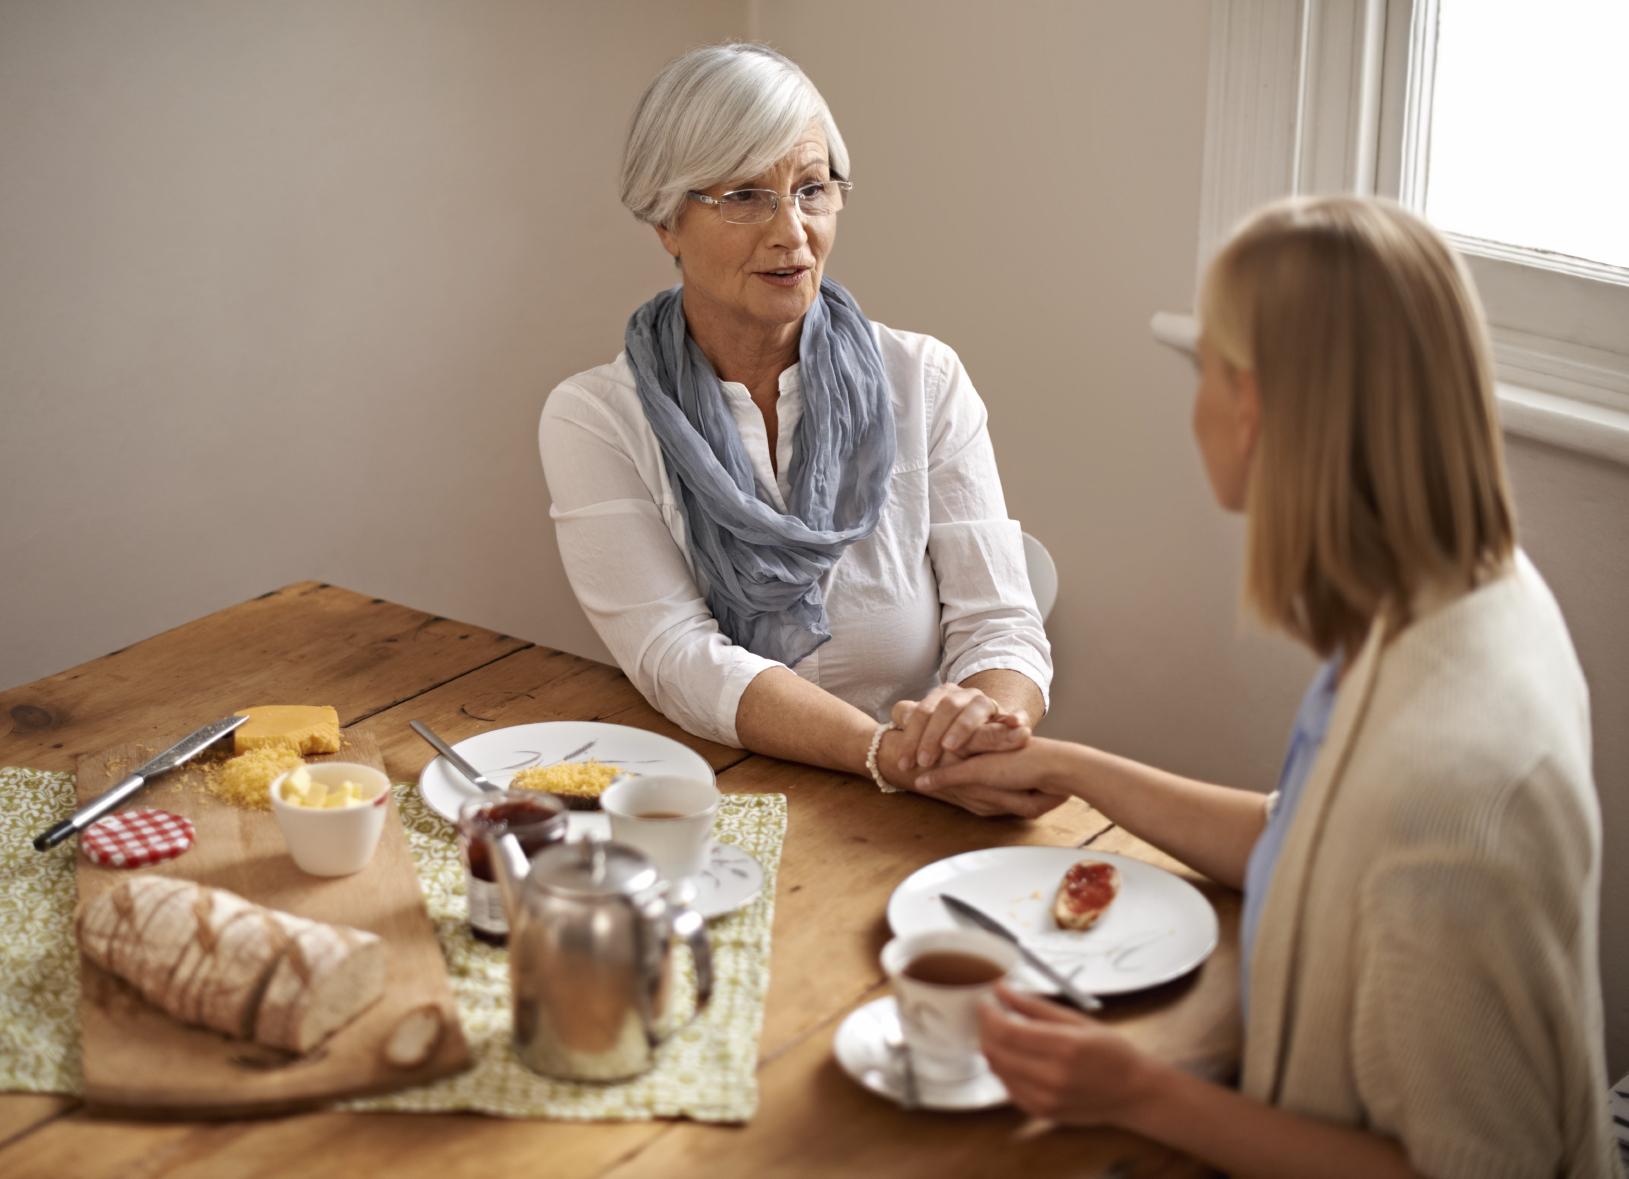 Hvis man lurer på om et familiemedlem eller en venn har fått demens, er det lurt å ta en samtale for å prøve å finne ut av det.